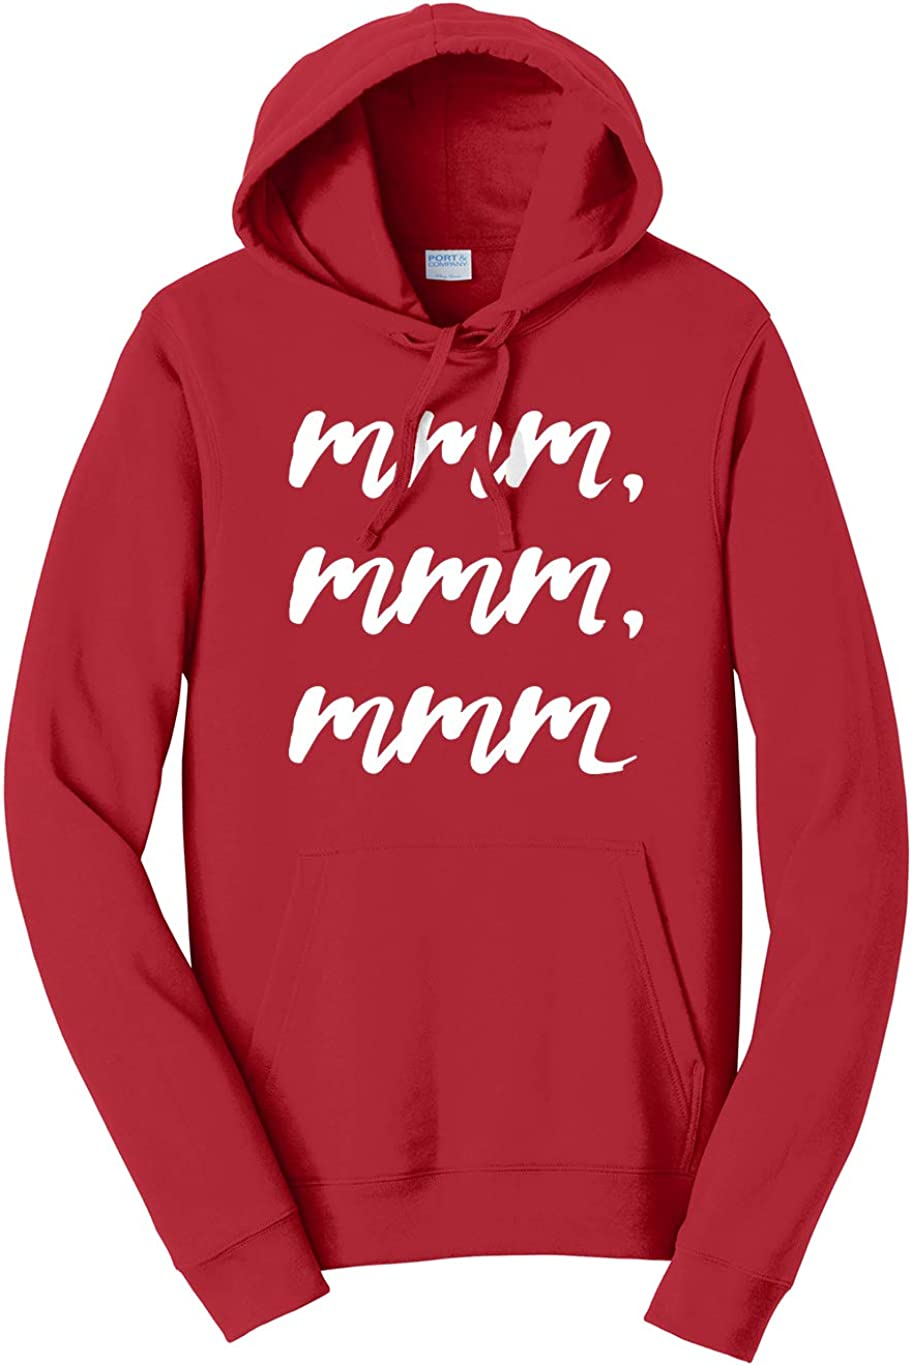 Tenacitee Unisex Mmm mmm Hooded Sweatshirt mmm